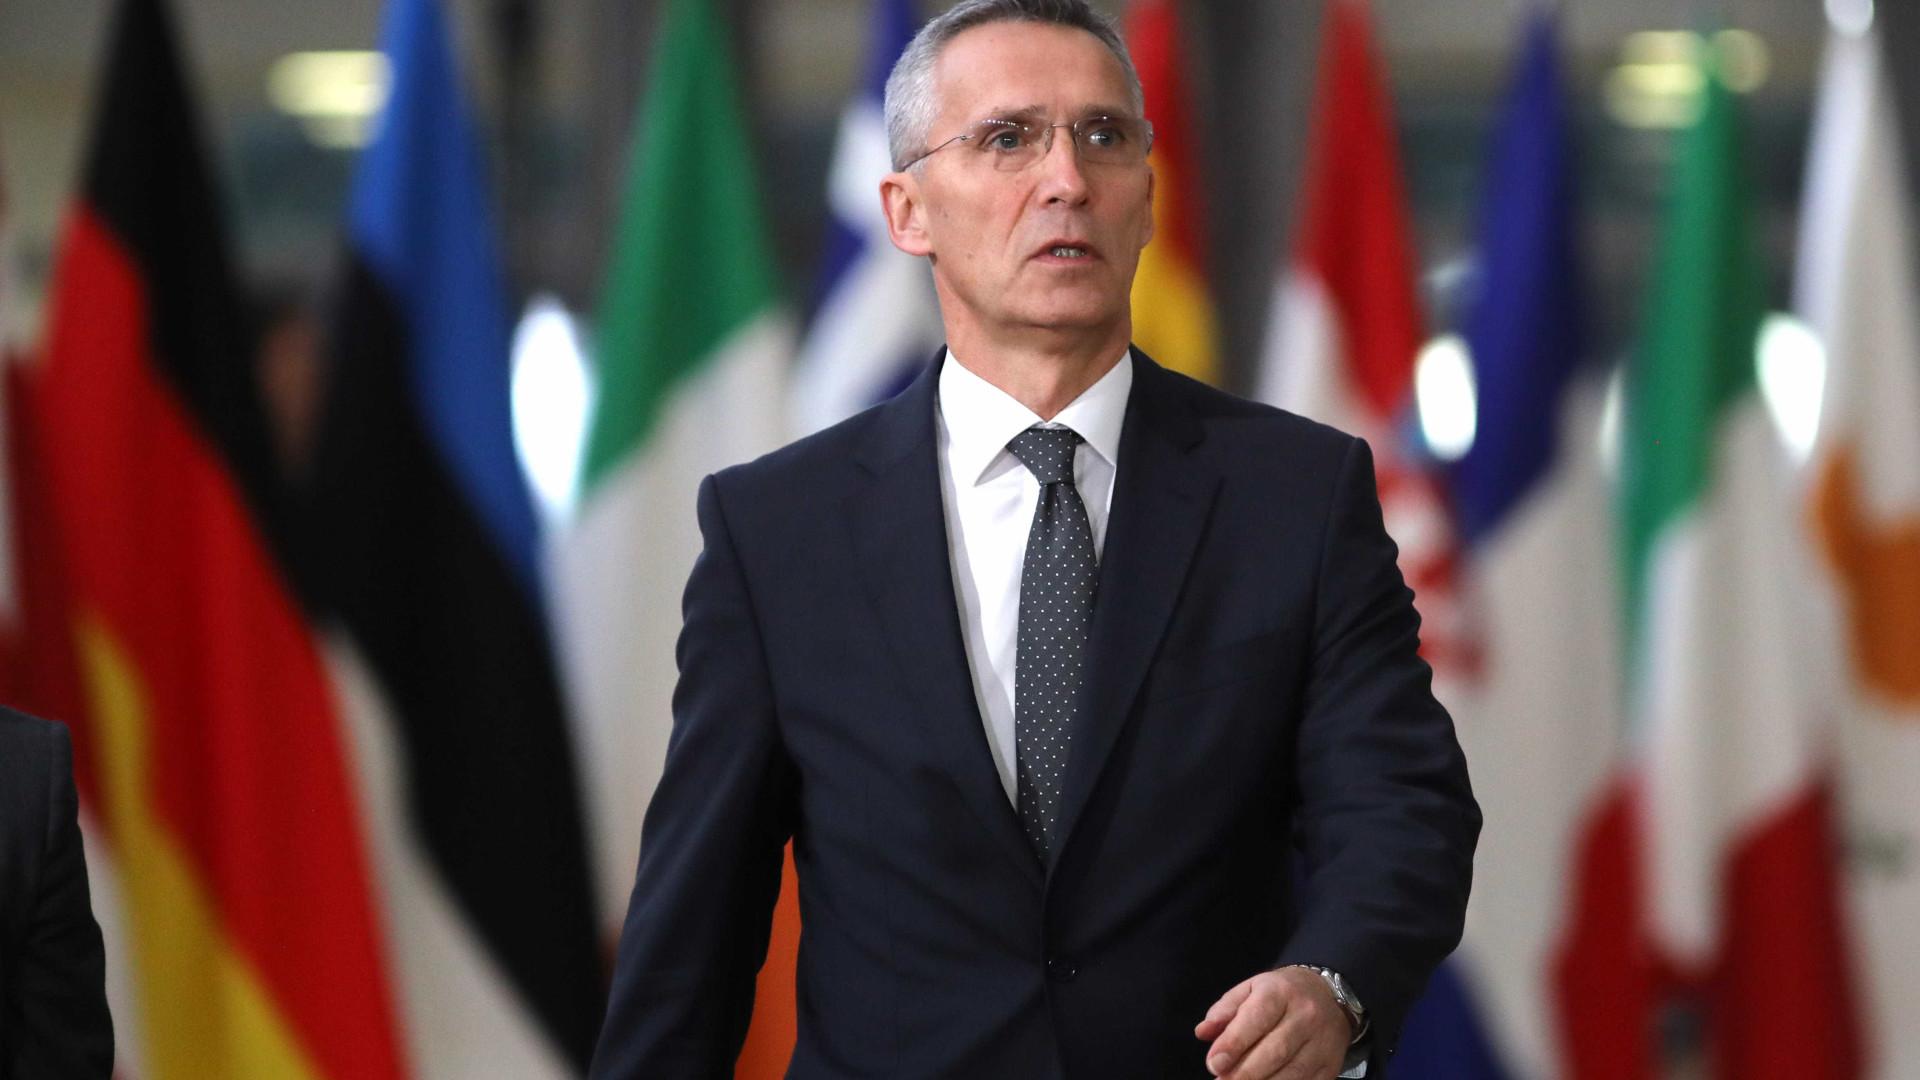 Secretário-geral da NATO e o recado a Portugal sobre os gastos na Defesa